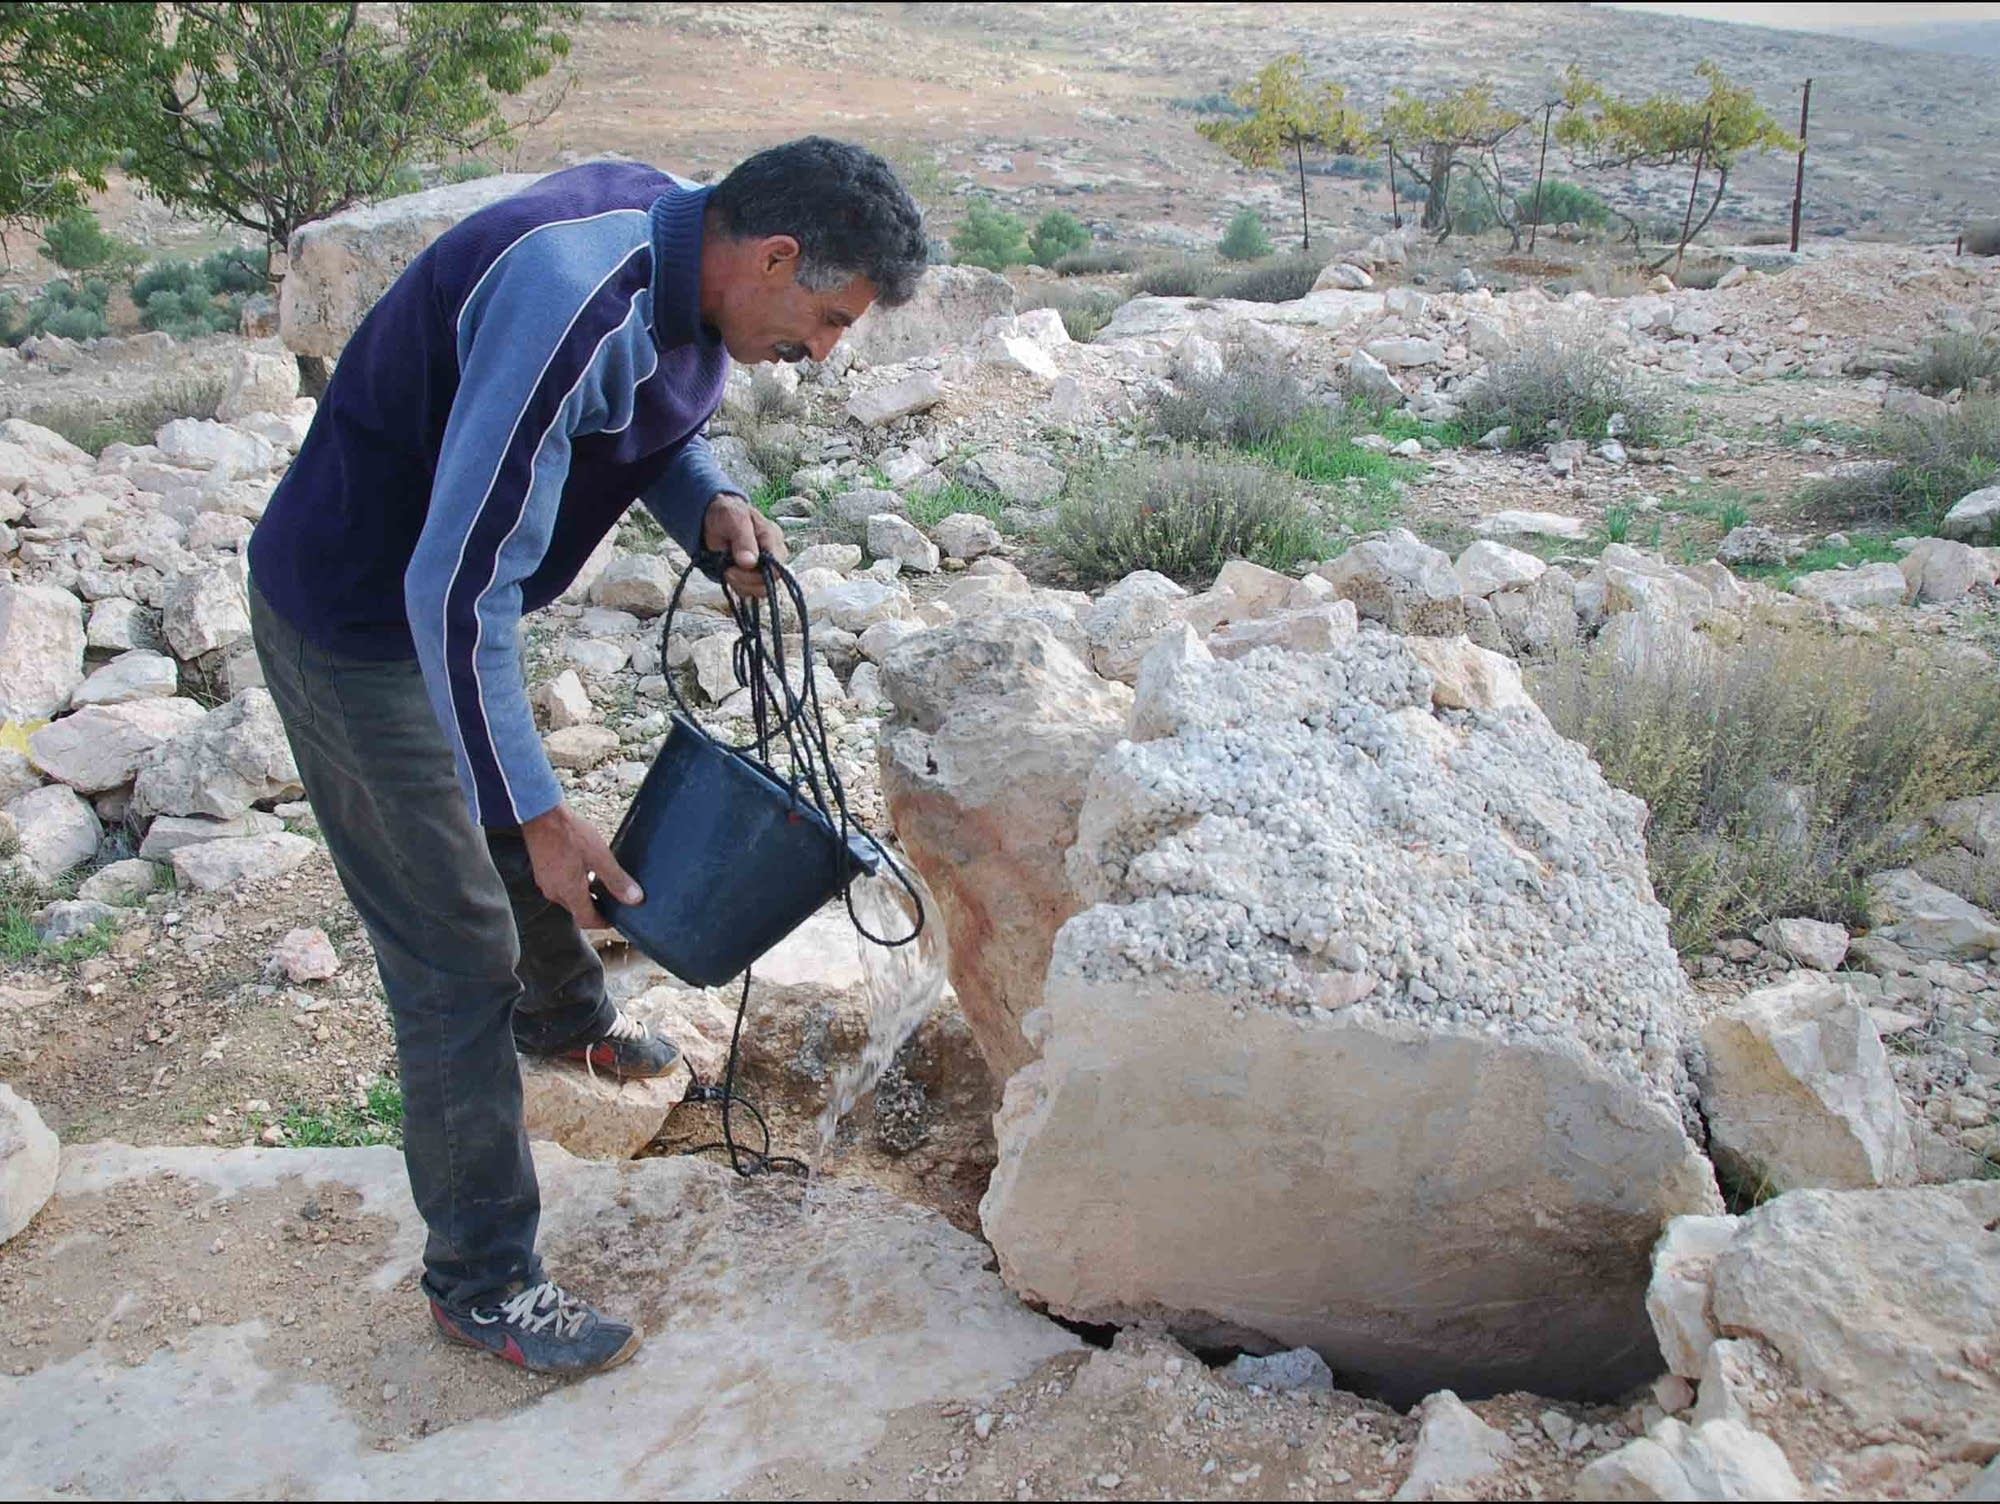 Palestinian farmer Azam Nawajaa